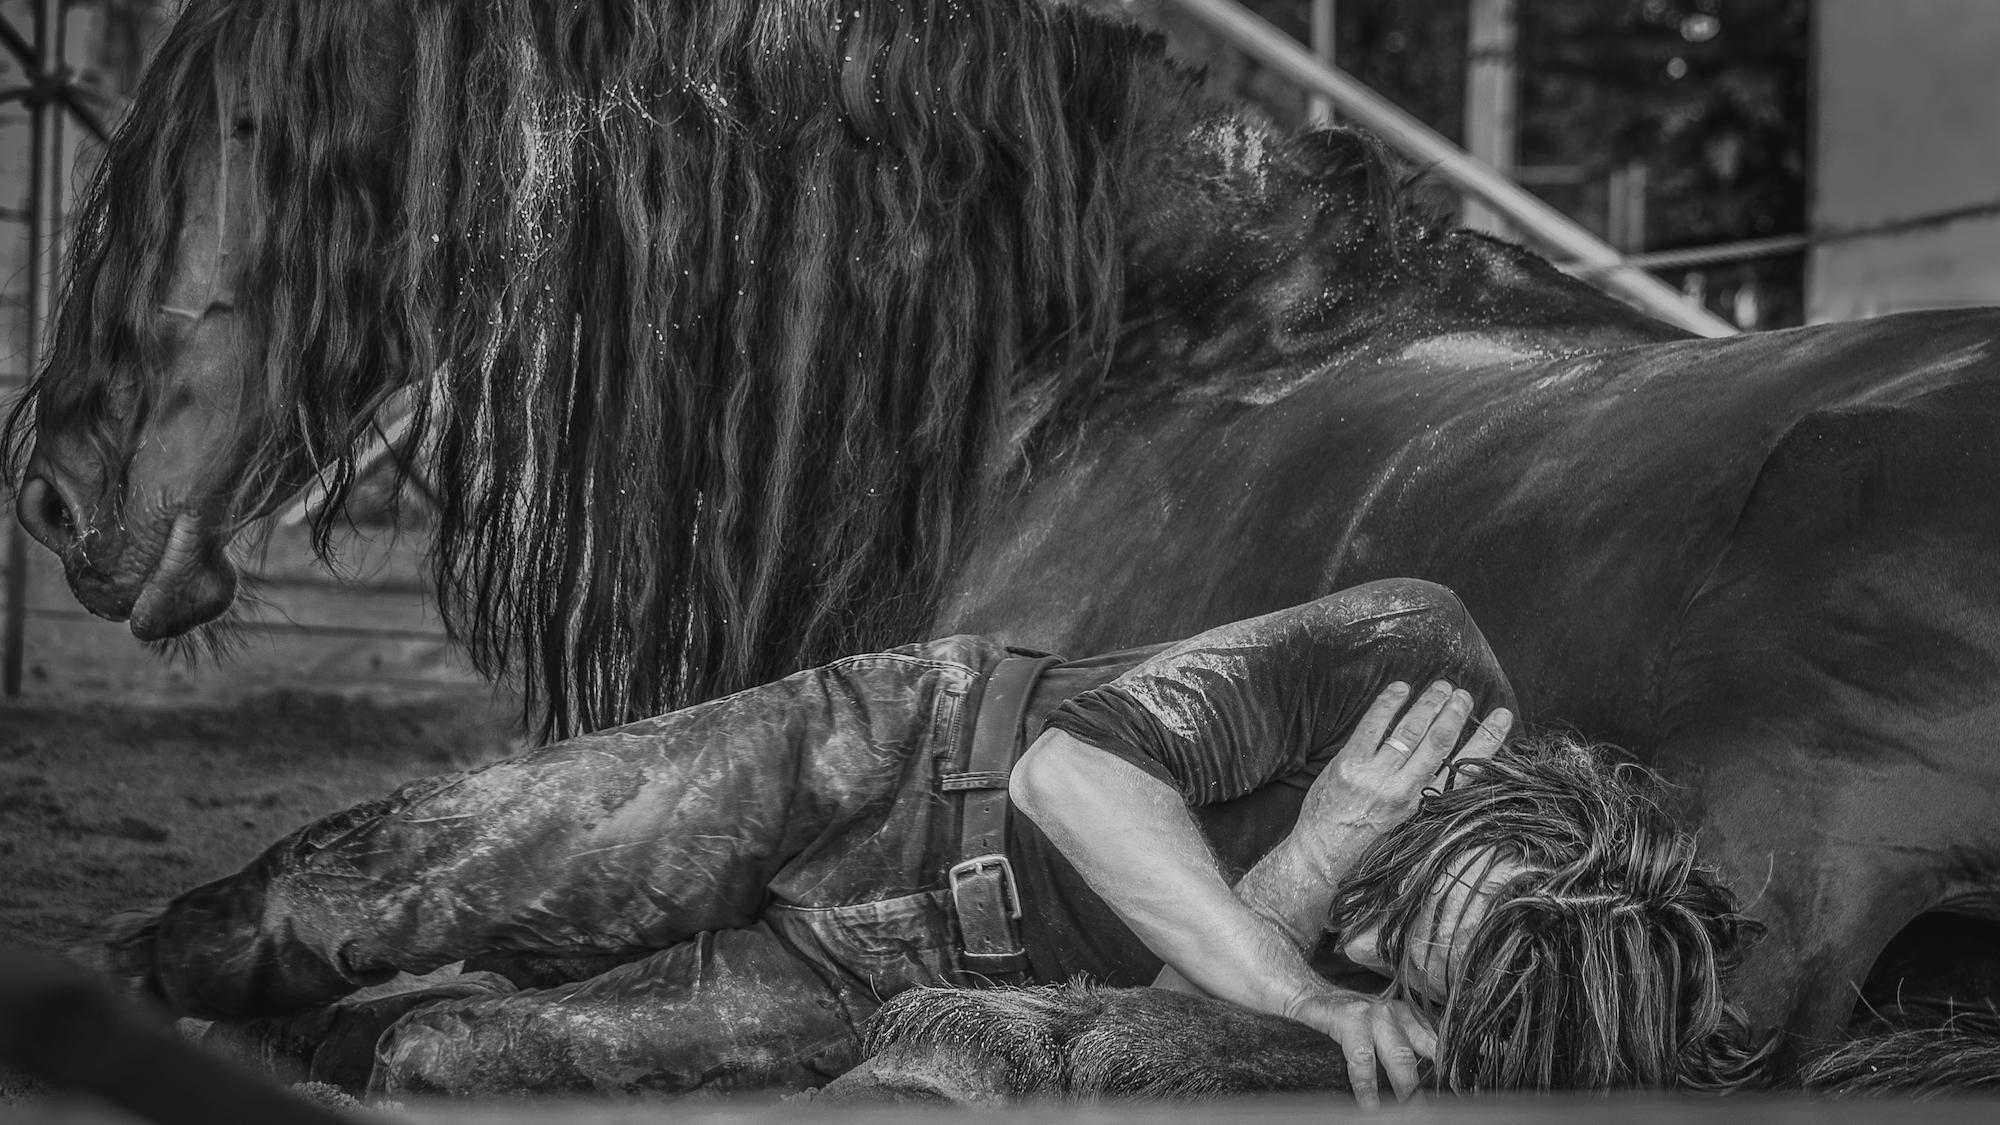 Ma bête noire © Alem Ramizovic